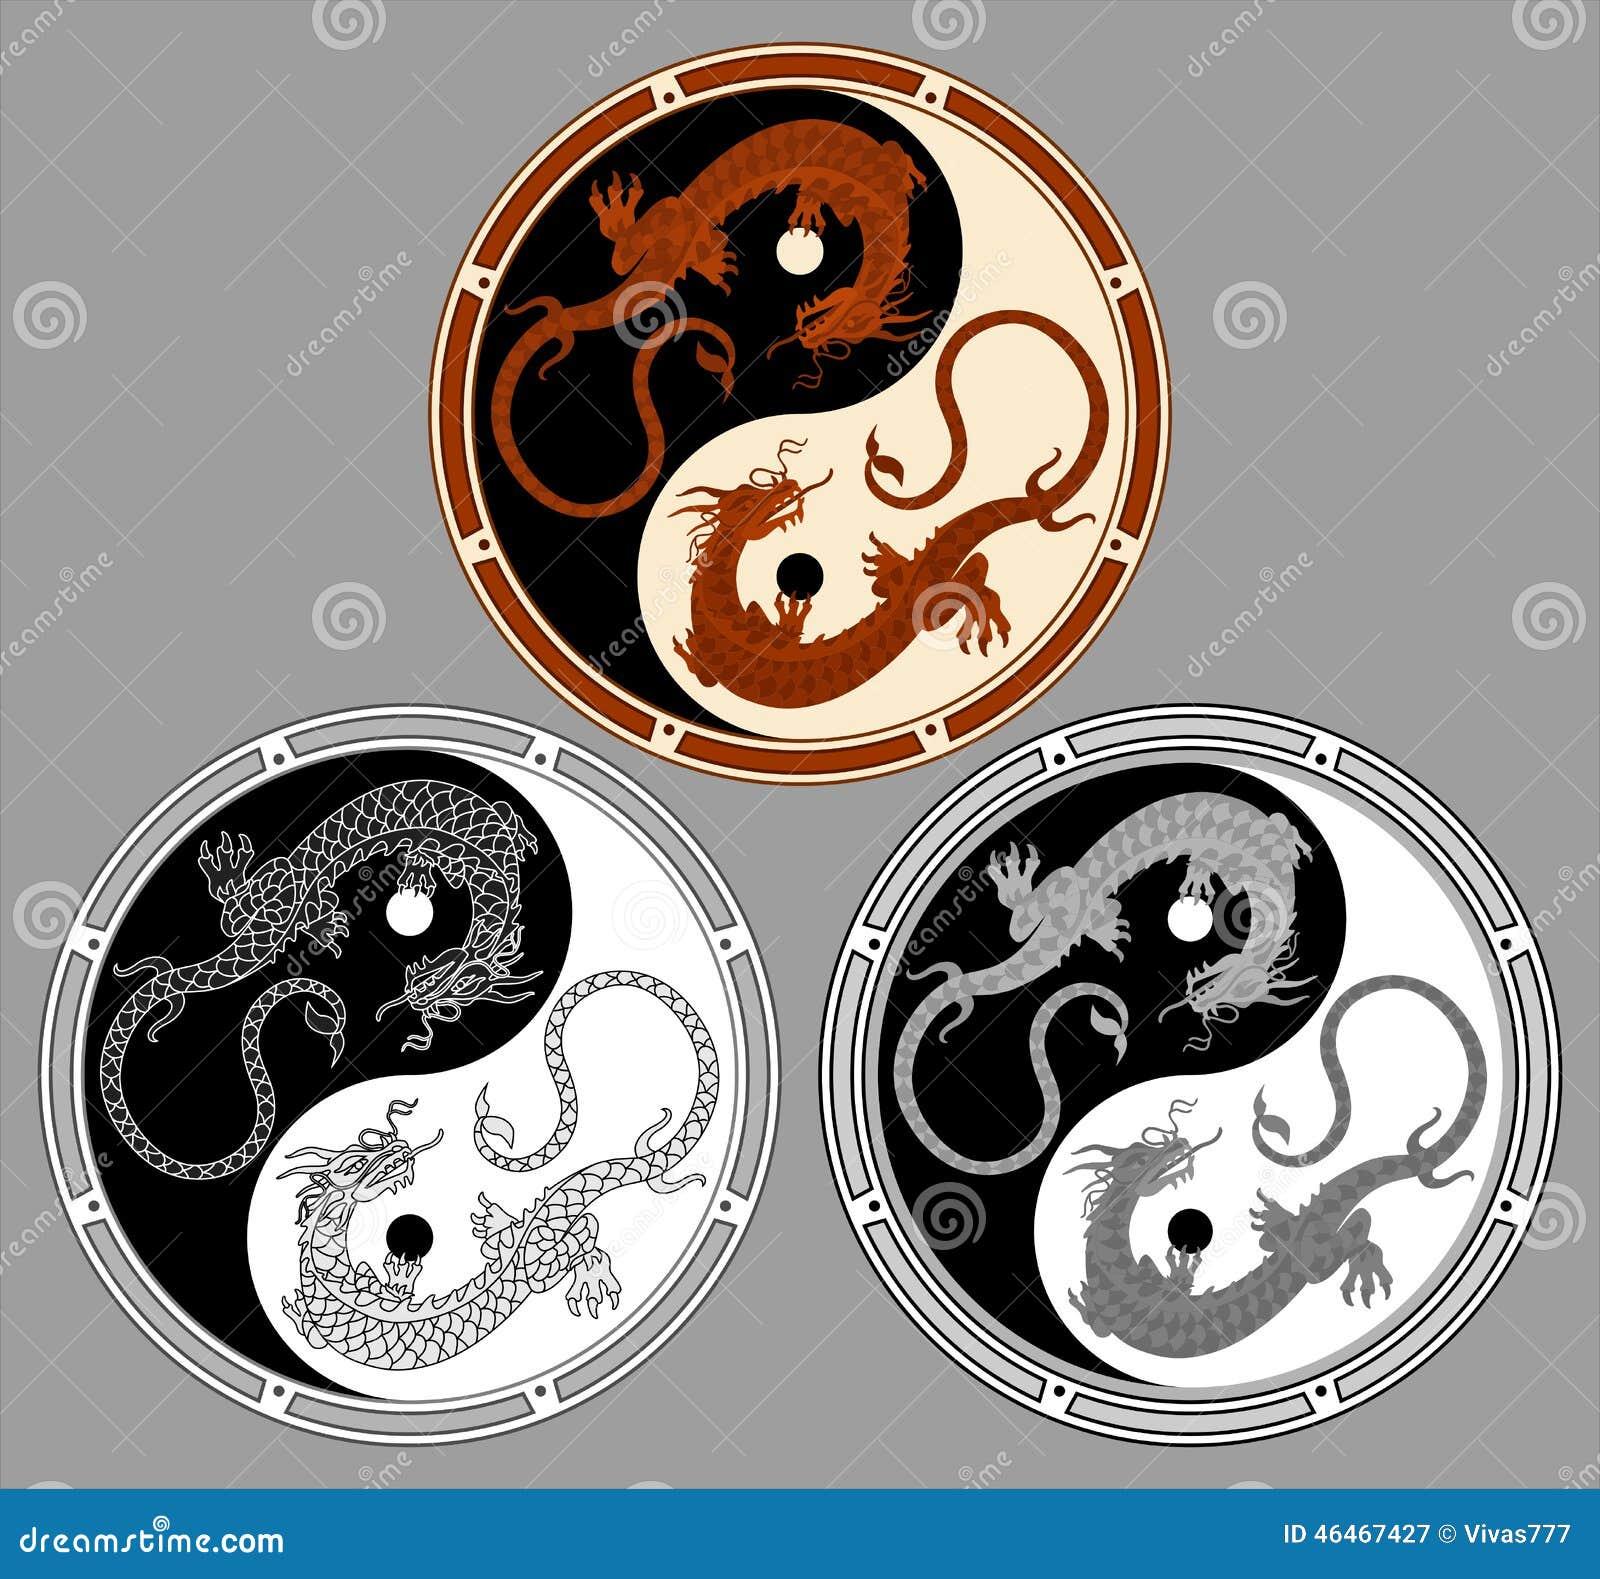 Dragon the yin yang